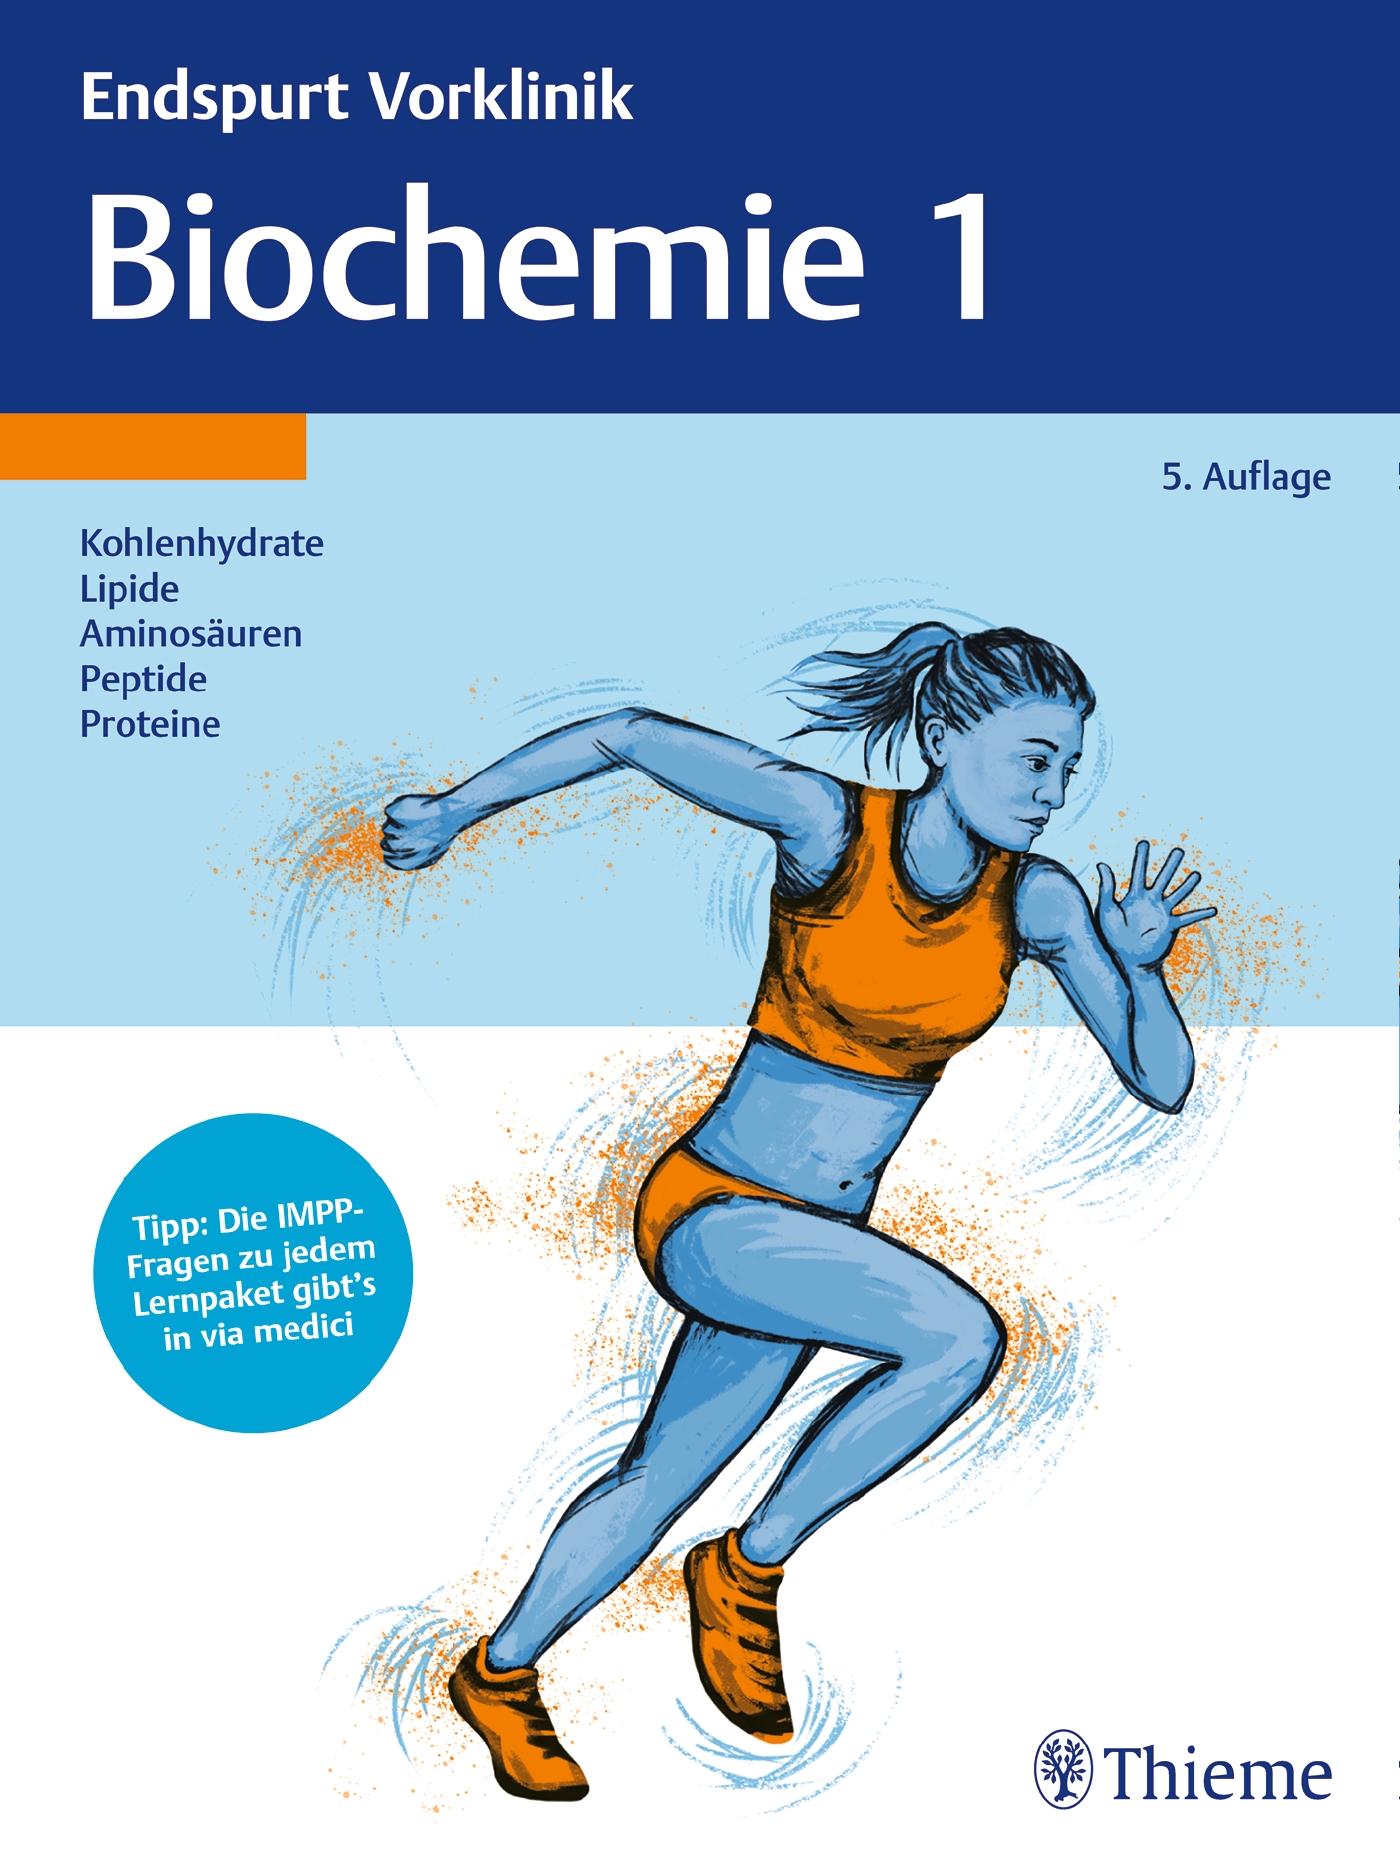 Endspurt Vorklinik: Biochemie 1